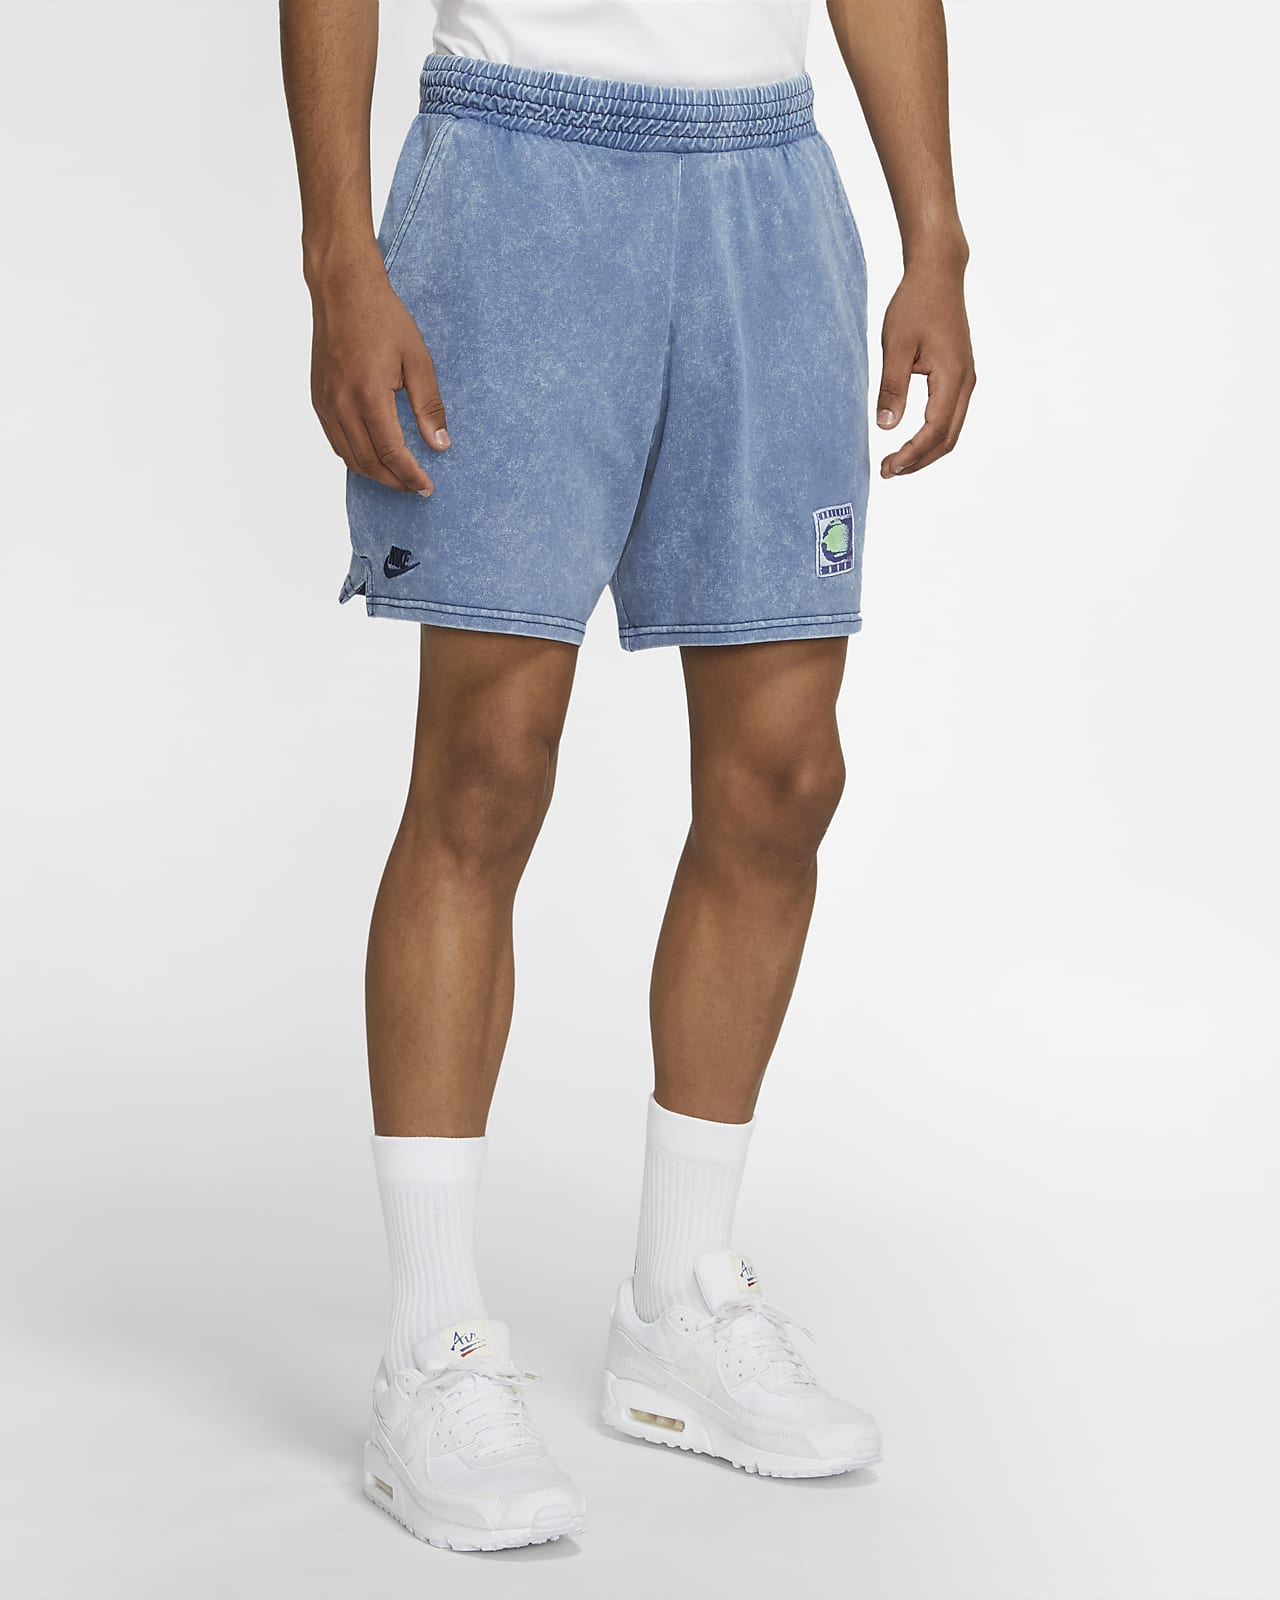 Nike Sportswear 男子针织水洗短裤